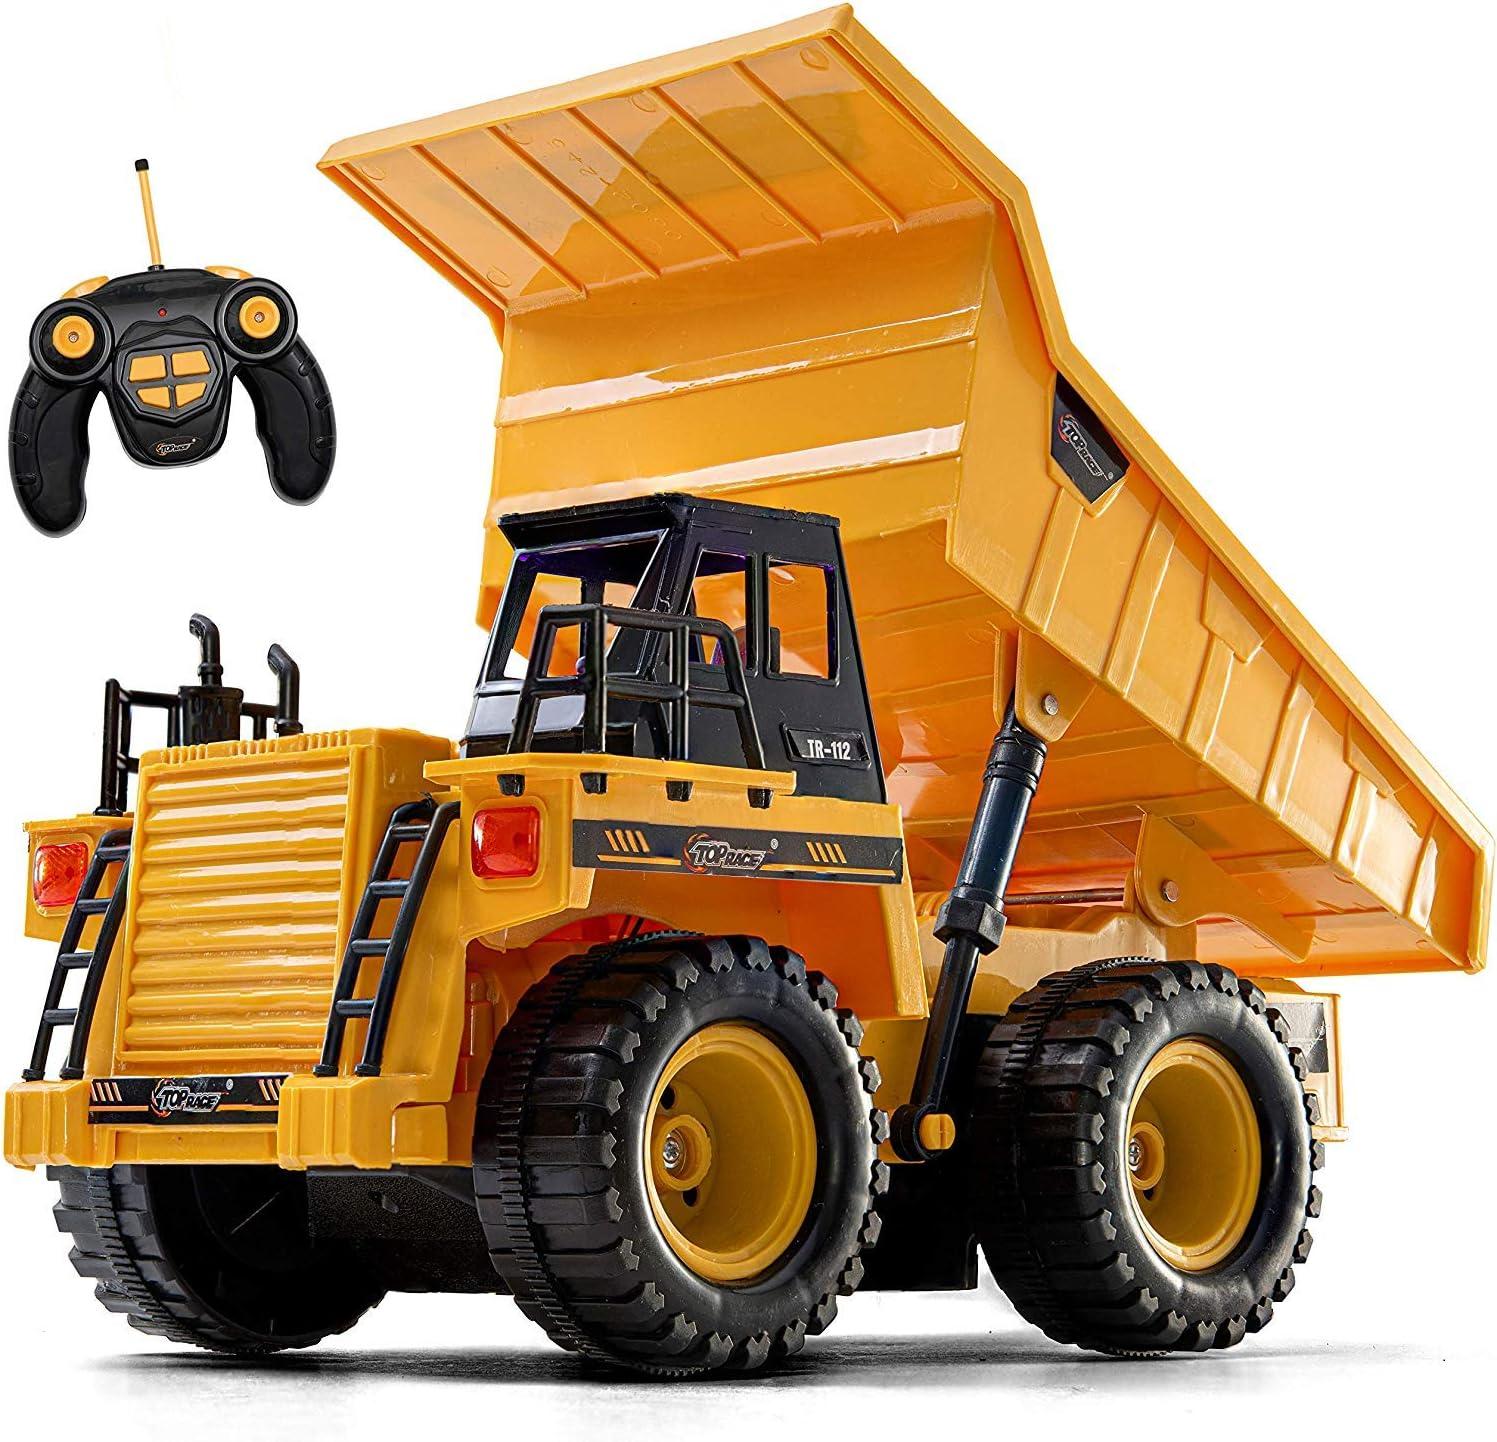 Top Race Juguete de camión volquete RC Completamente Funcional Modelo 112 de 5 Canales actualizado, Juguetes de Control Remoto, Camiones de construcción Pesada para niños. TR-112AA